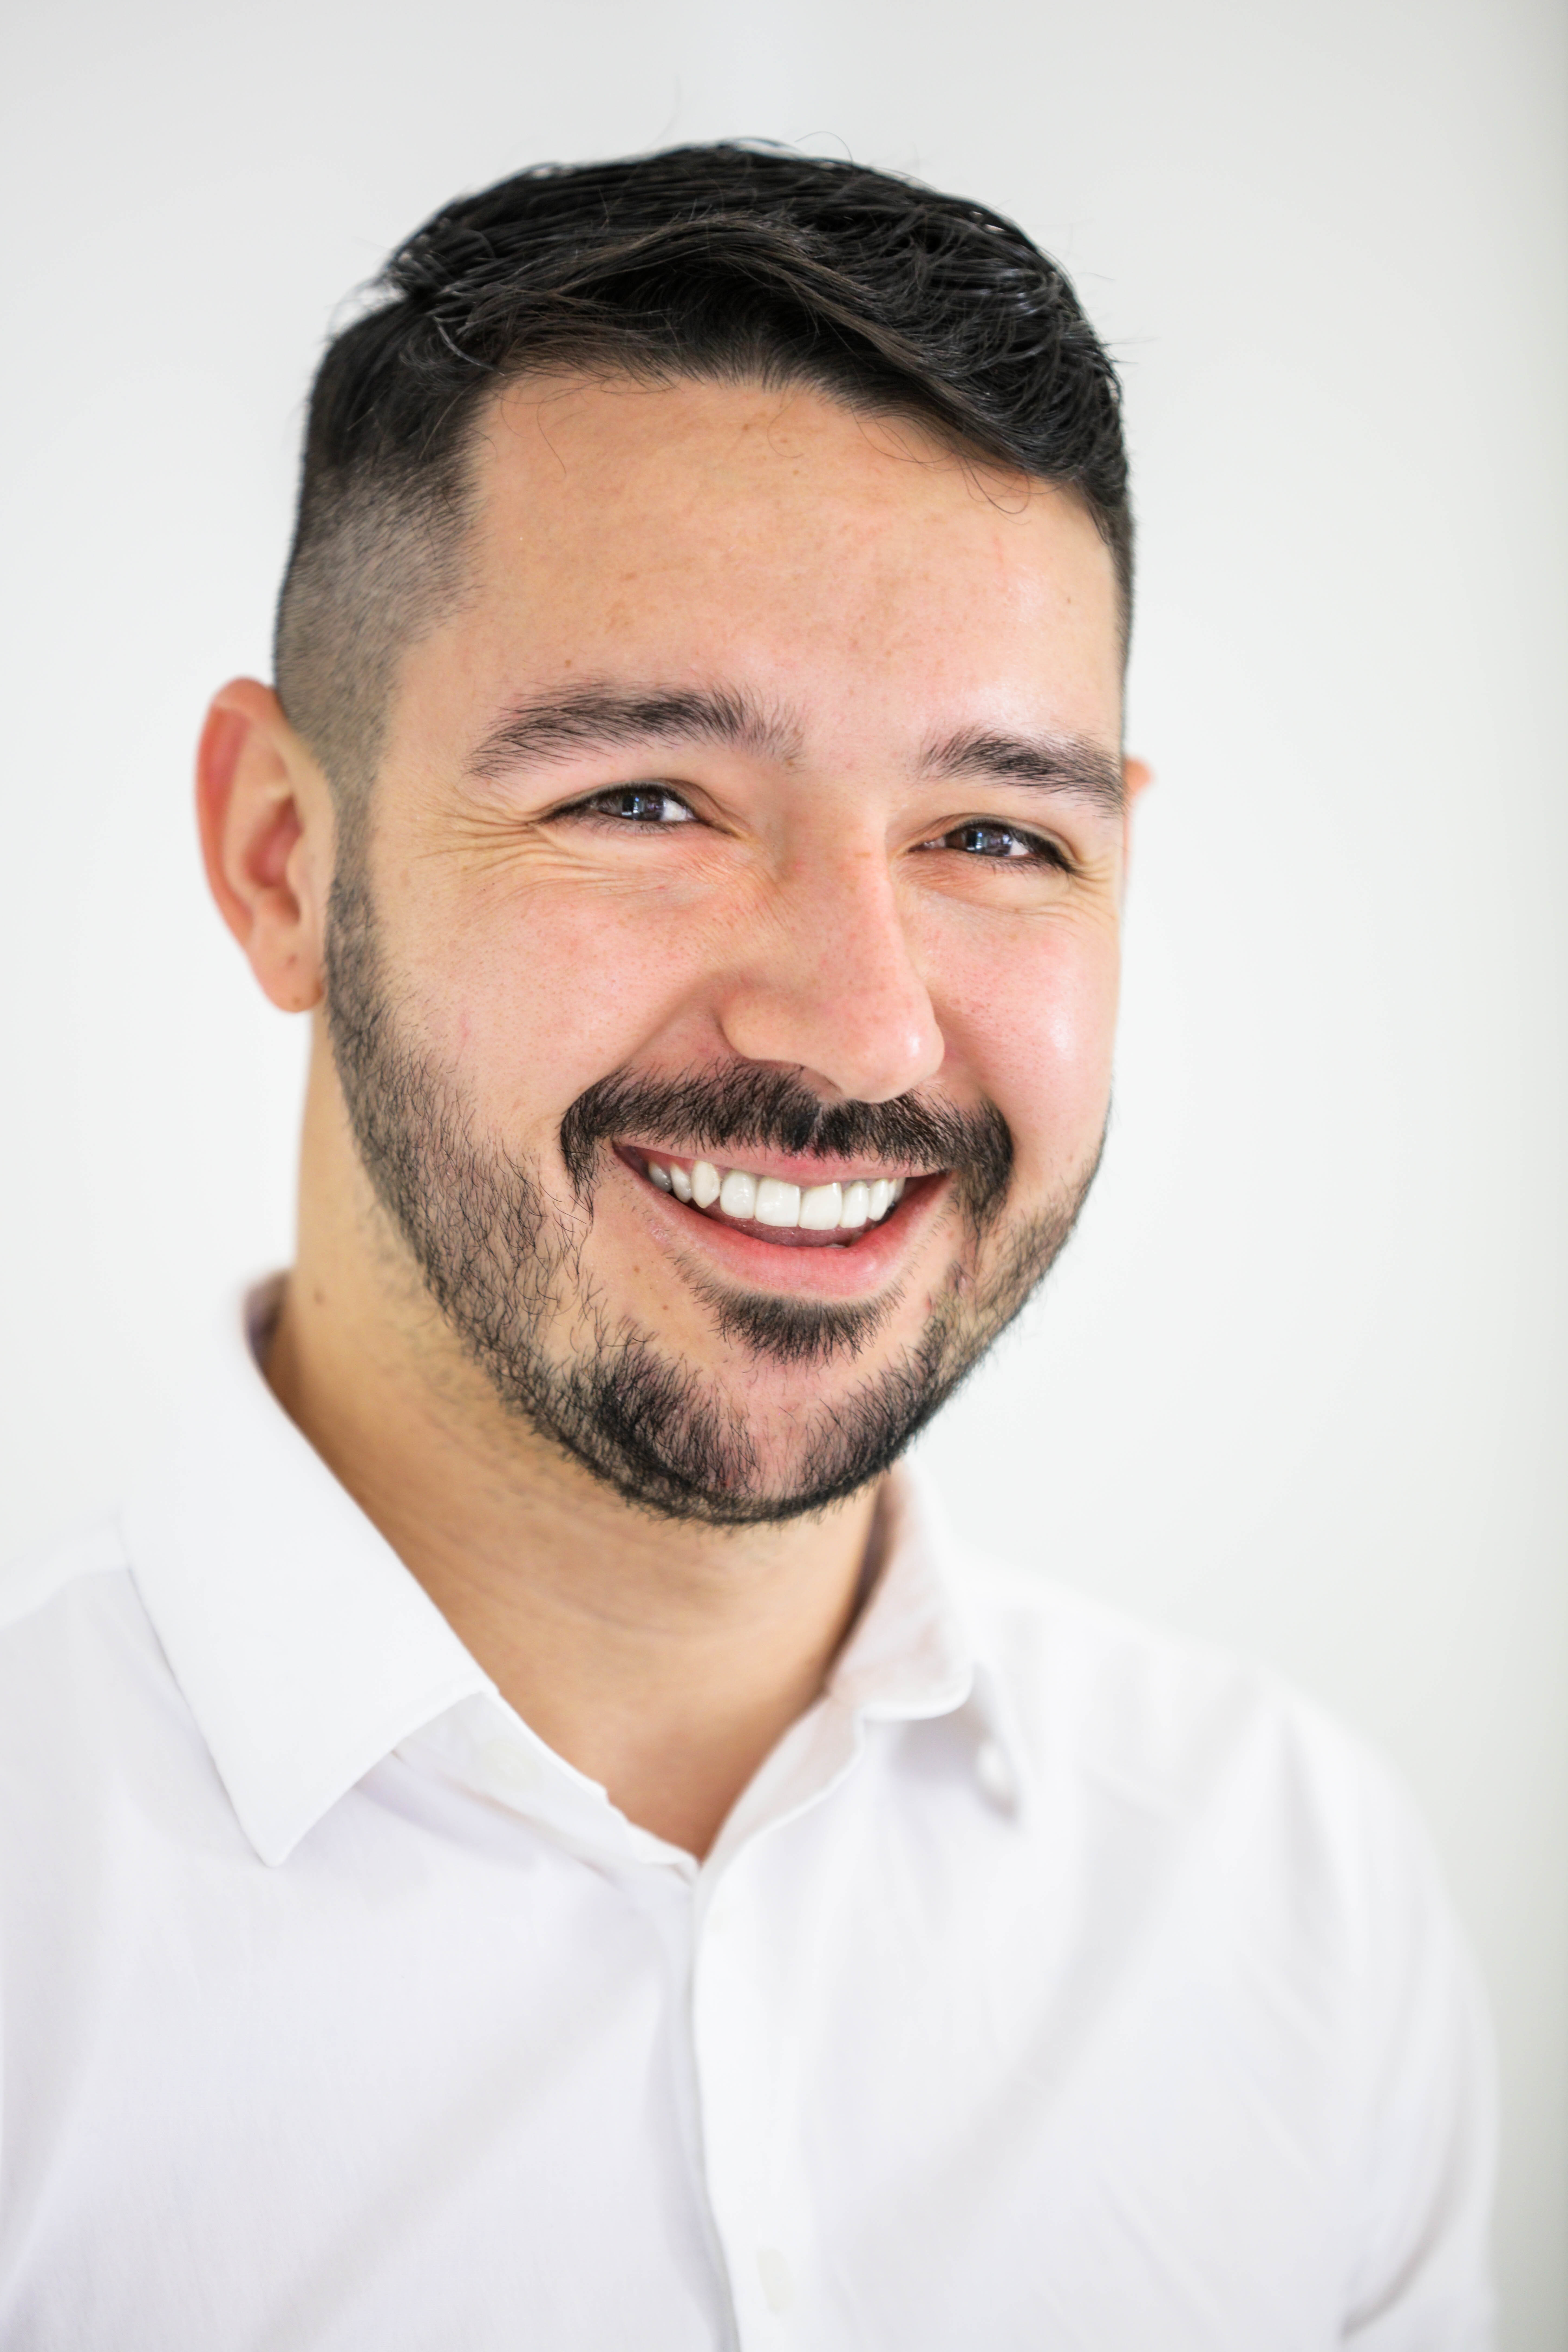 Carlos Arriaga